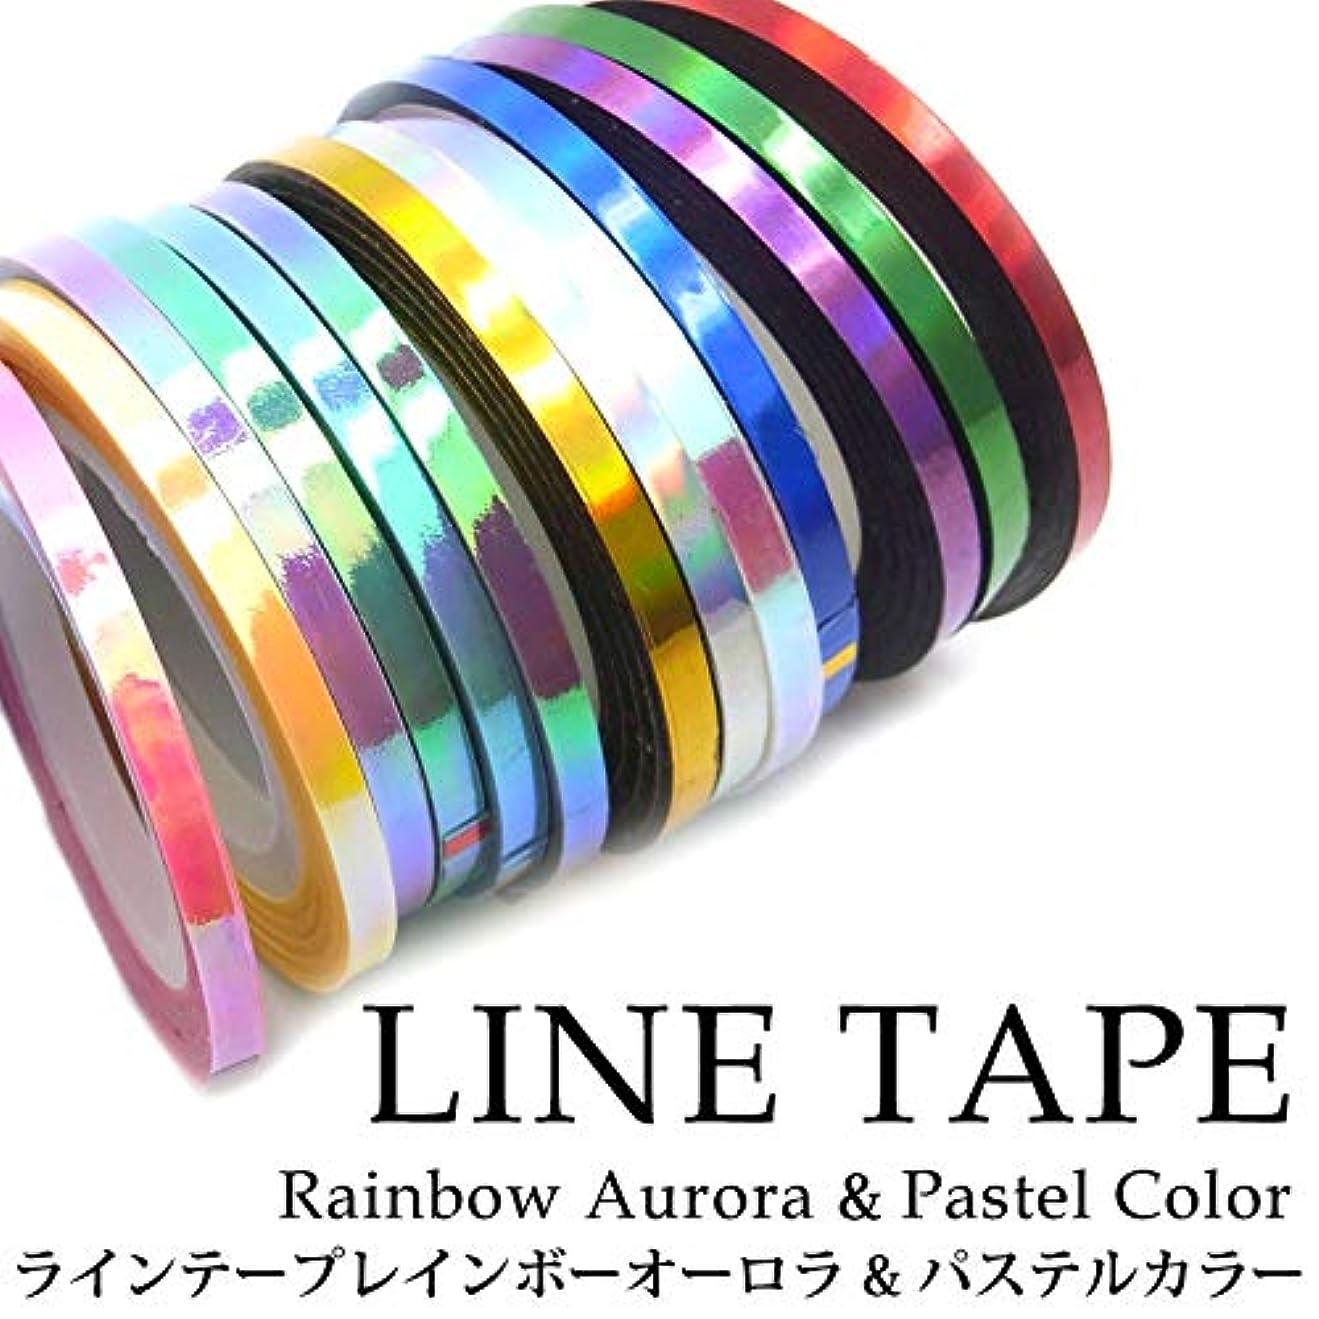 腸ジャニス上院議員ラインテープ レインボーオーロラ & パステルカラー 各種 3サイズ (3mm, 1.レインボーオーロラゴールド)